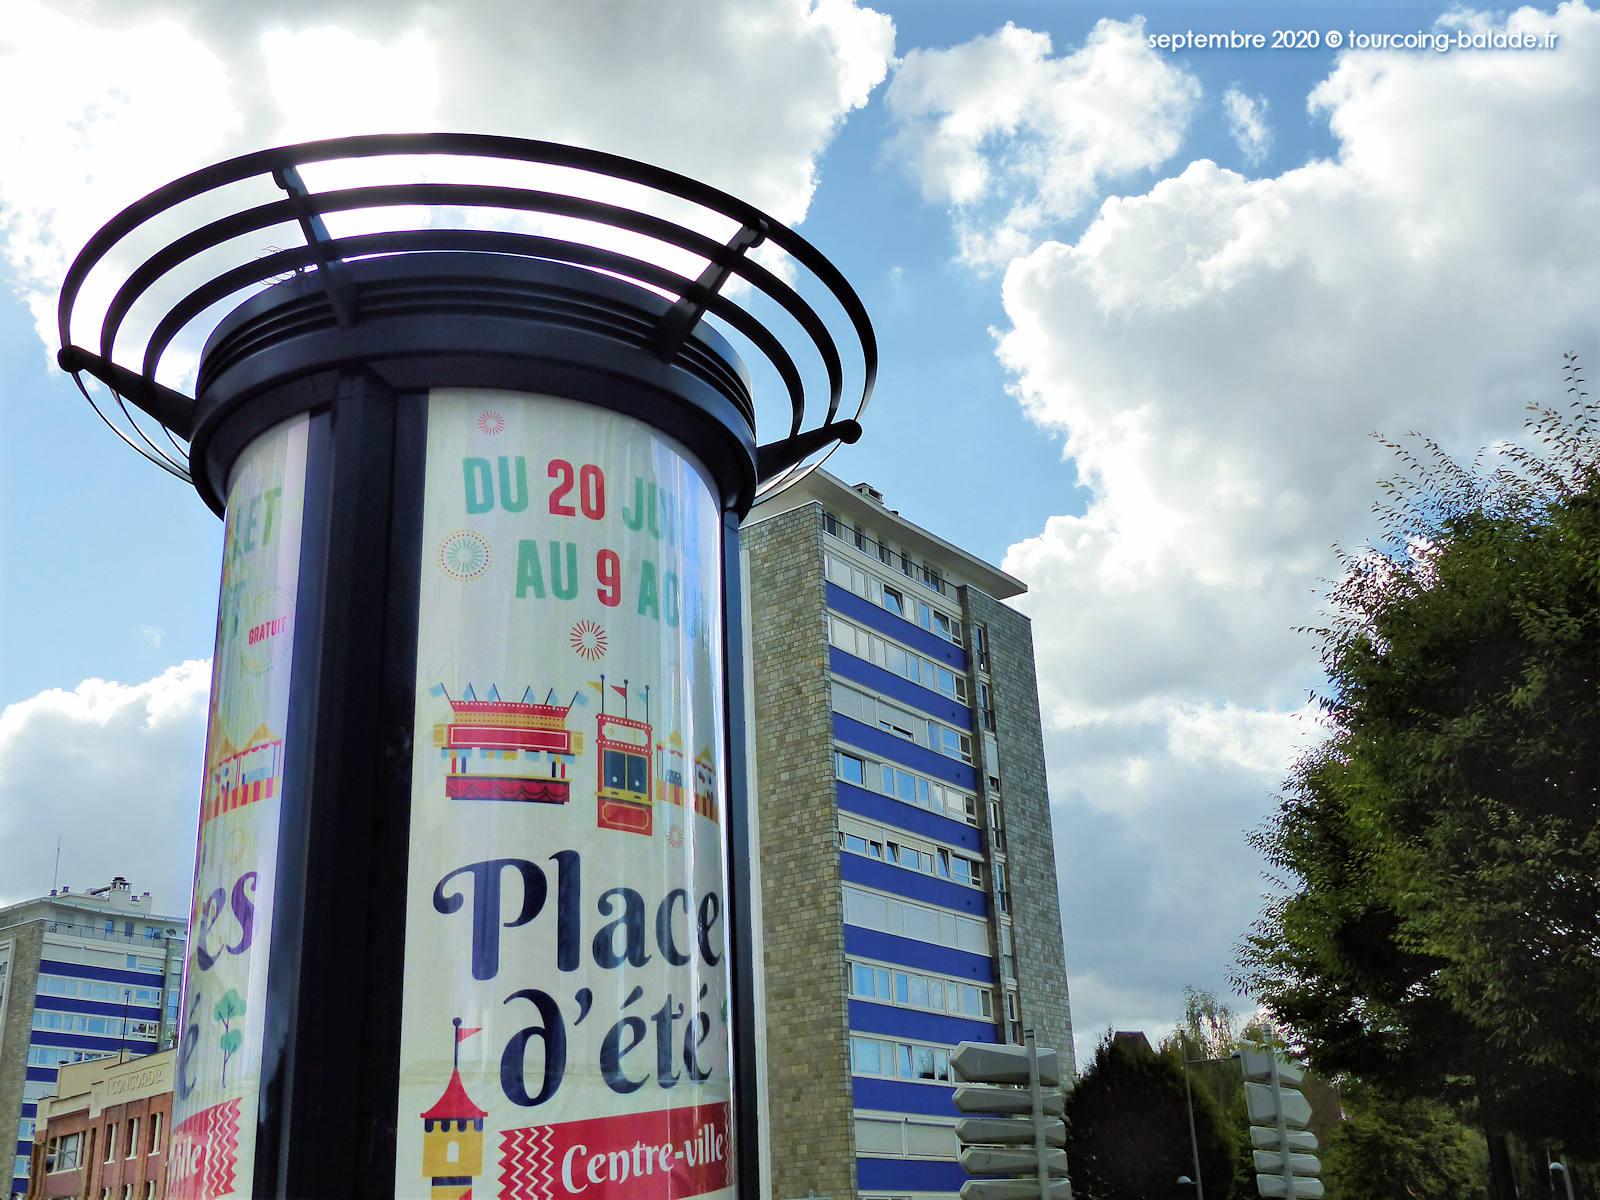 La colonne Morris aux pieds des Résidences Avenue Dron, Tourcoing 2020